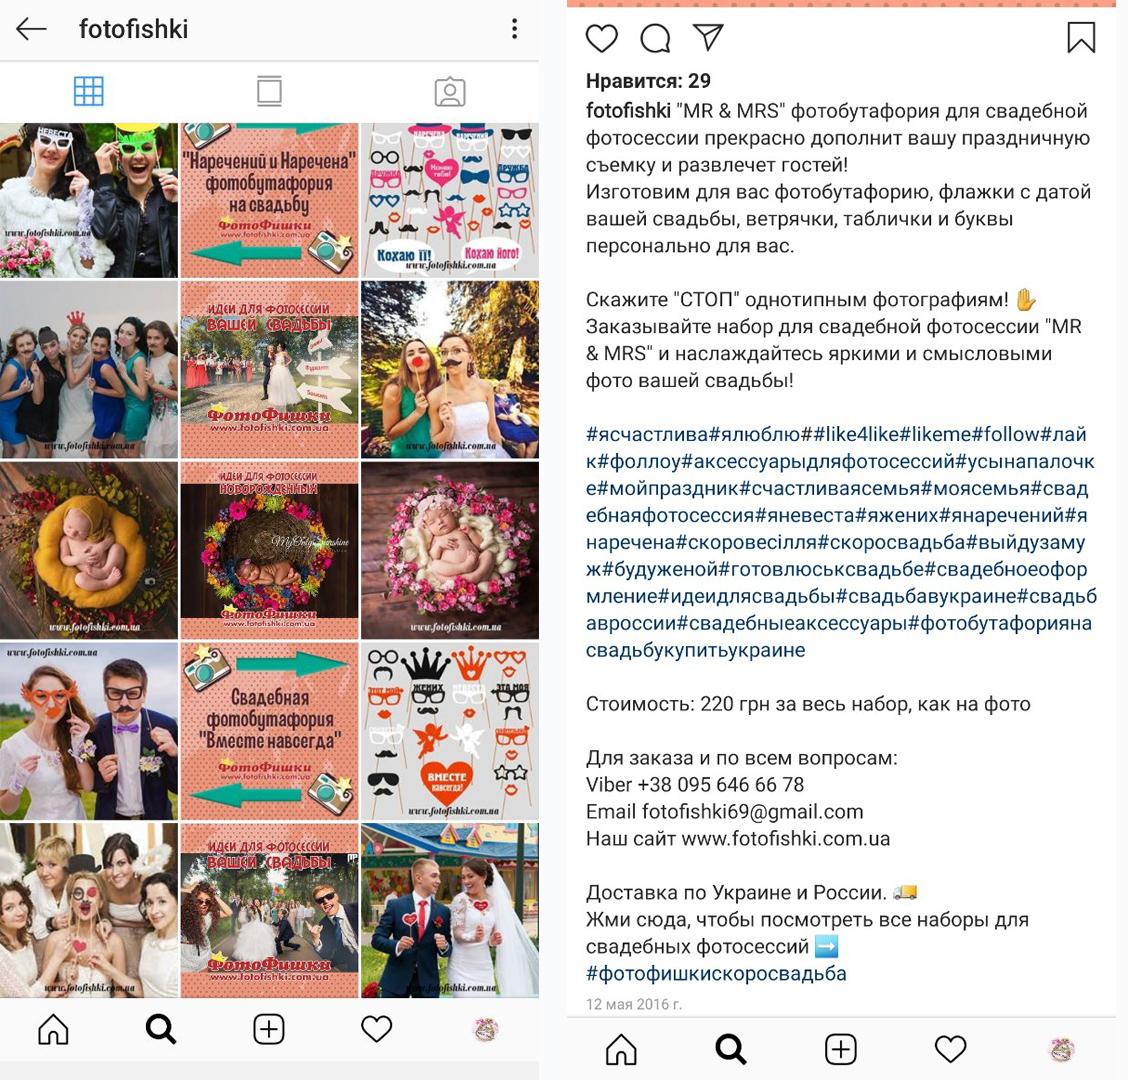 Фото Первичное наполнение аккаунта (только внизу ленты мои посты. Пример на скриншоте) Деятельность: продажа фотобутафории для фотосессий и различных праздников.  Концепция, которую разработала лично я: - удобная навигация по аккаунту благодаря брендированным хэштэгам; - создание дизайна брендированных шаблонов для постов в программе Photoshop; - удобная и наглядная витрина: наименование продукции по центру ленты с примерами в постах справа и слева; - написание продающих текстов; - Набор первых целевых 600 подписчиков.  - Настройка масслайкинга и массфолловинга по геолокации и на аккаунты салонов свадебных платьев, аксессуаров, прокат лимузинов и т.п.  Все фишки выдавать не буду)))